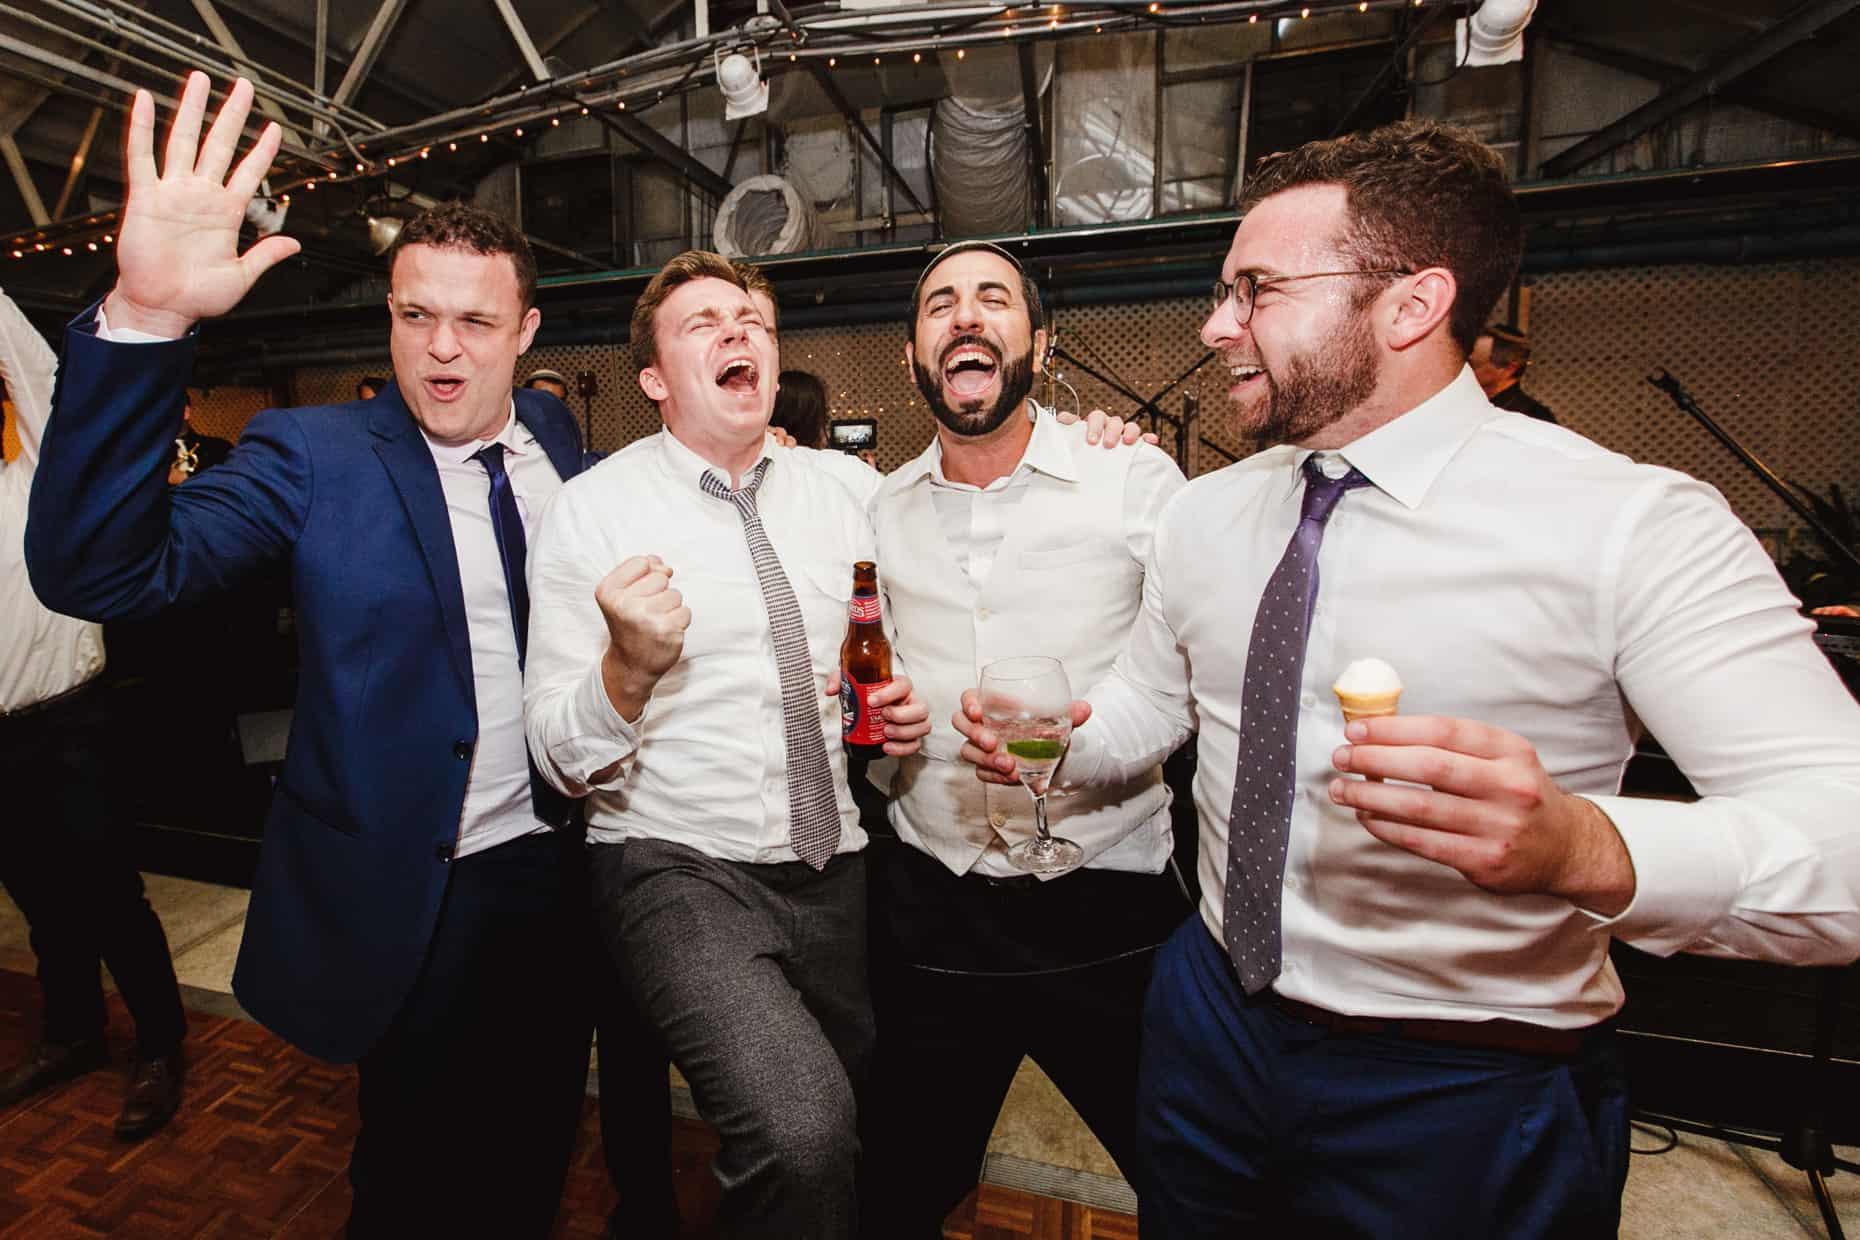 West Philadelphia Wedding Pictures